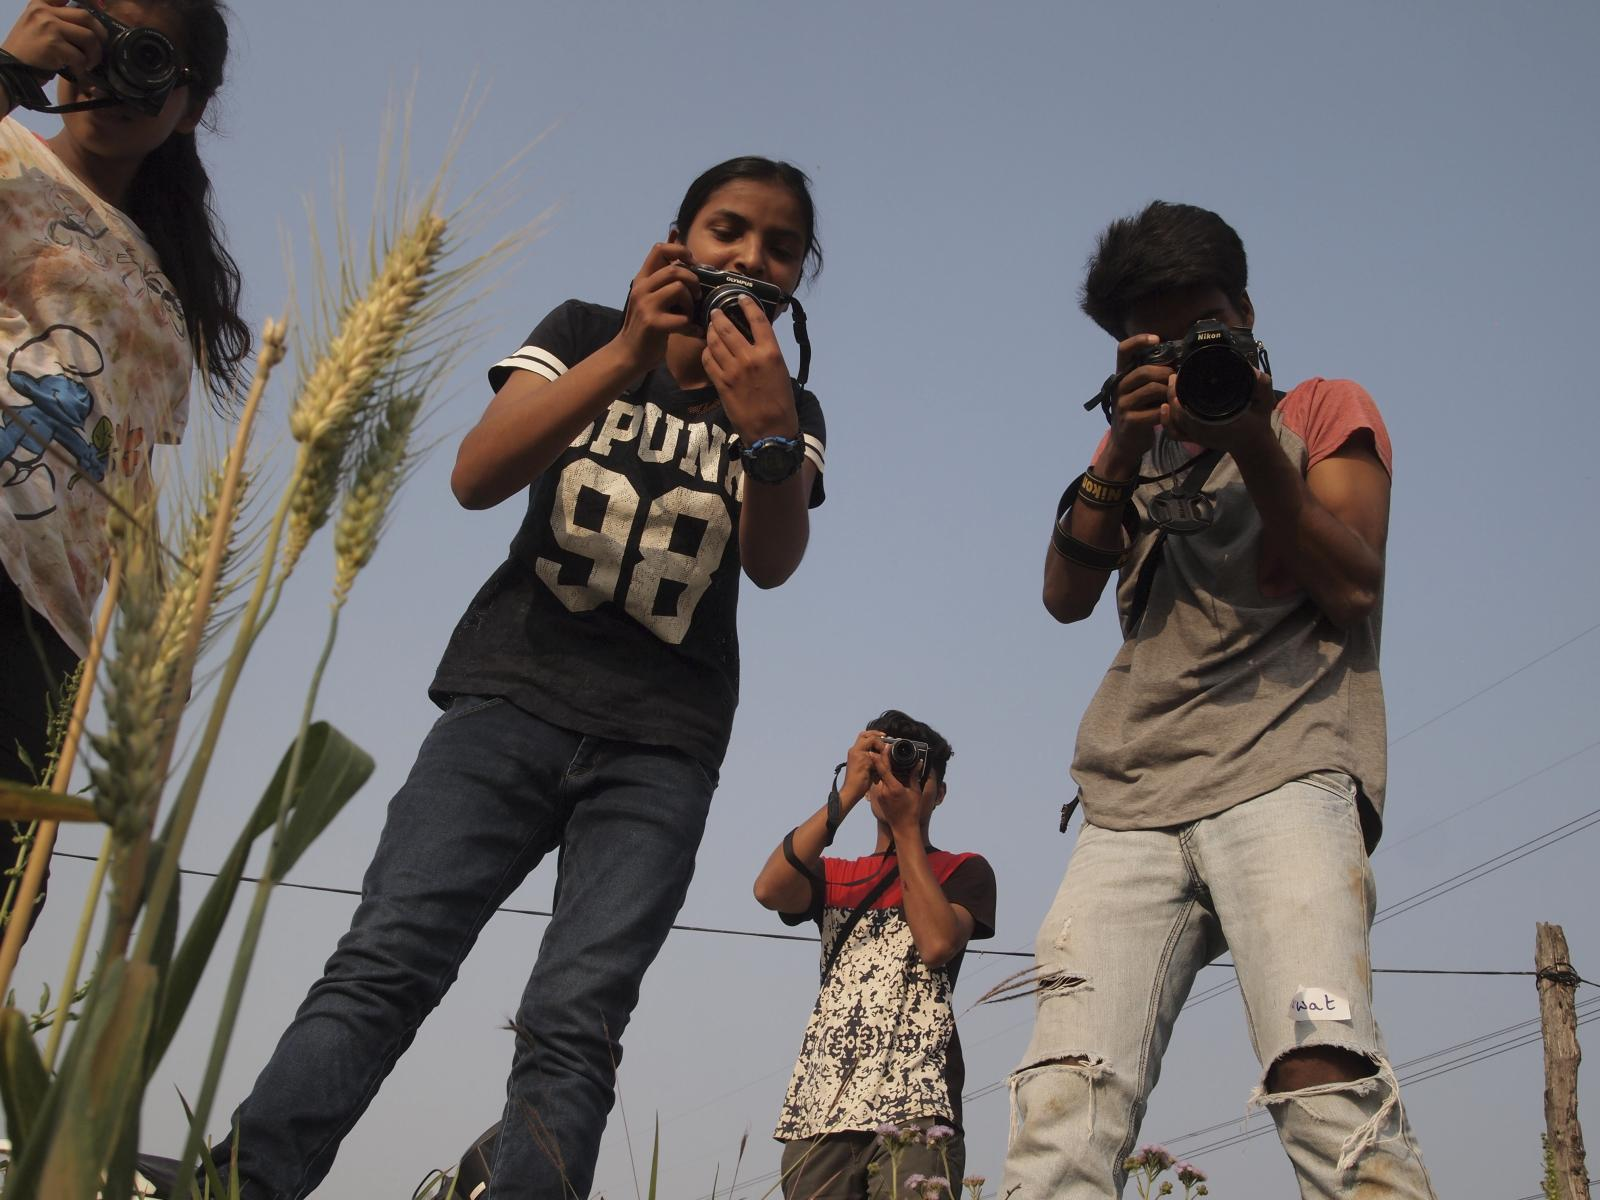 Banbasa, India. Sonia Singh